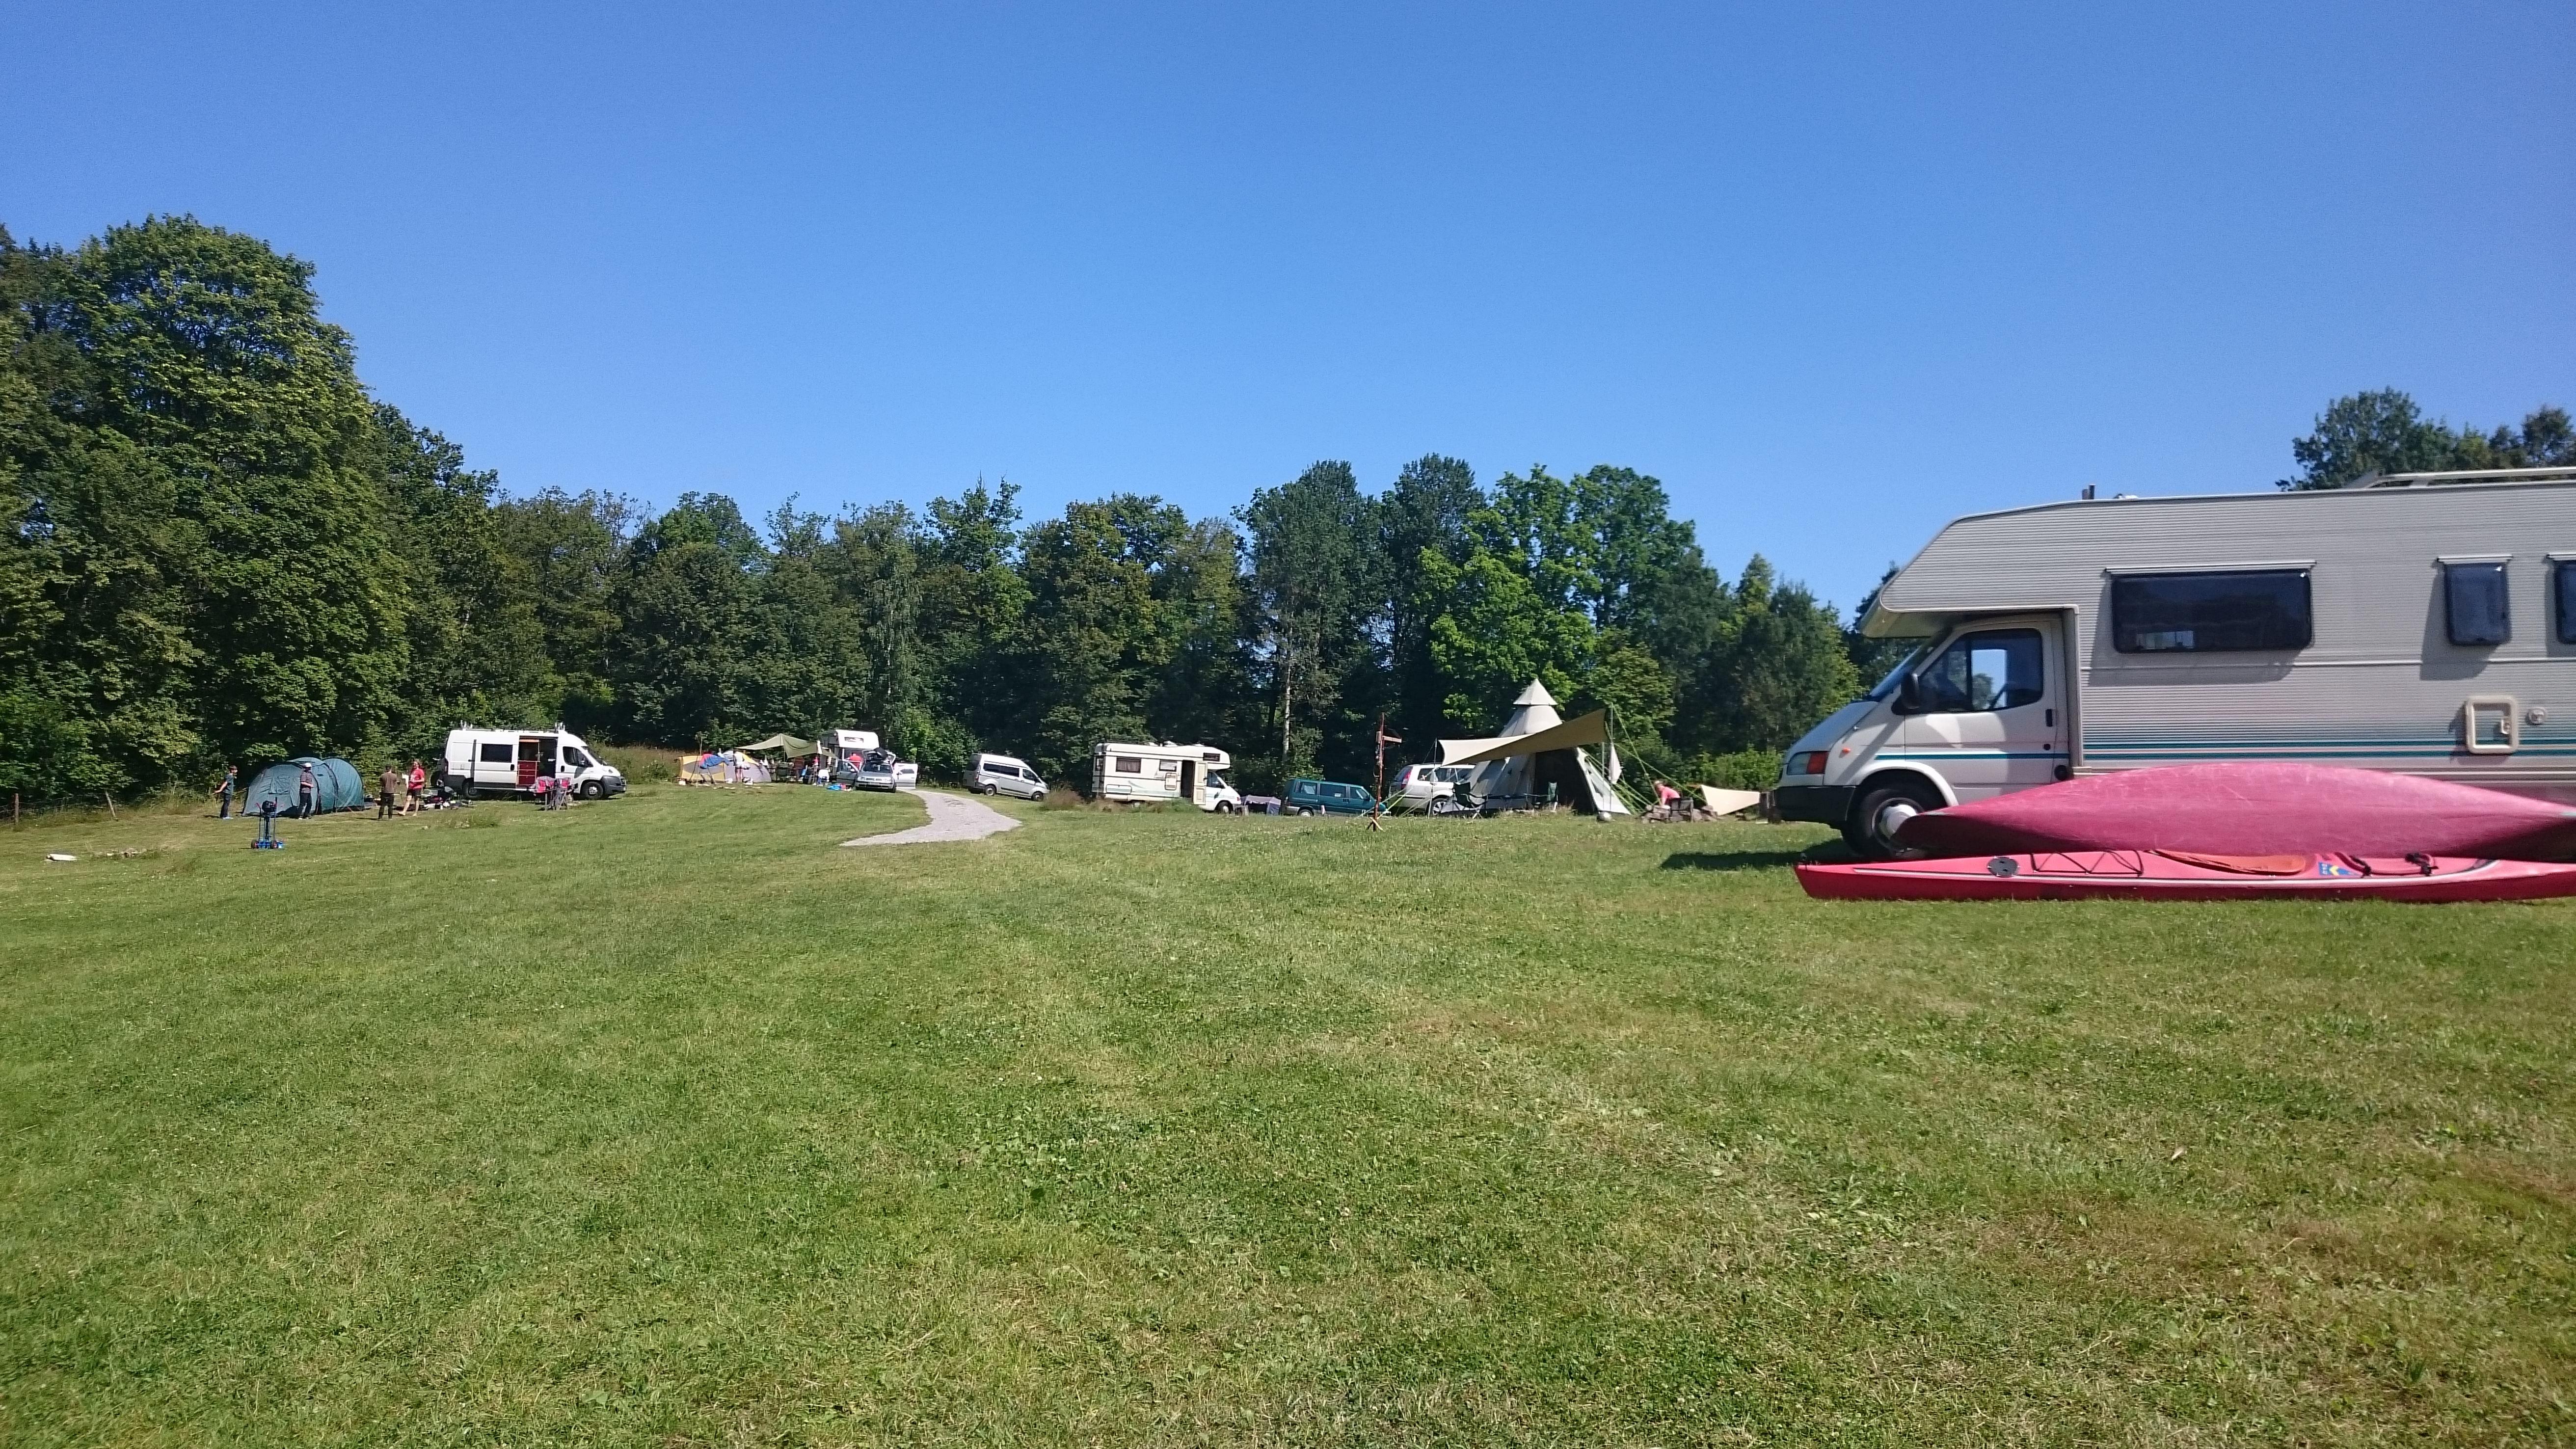 Rotahult Nature Campsite